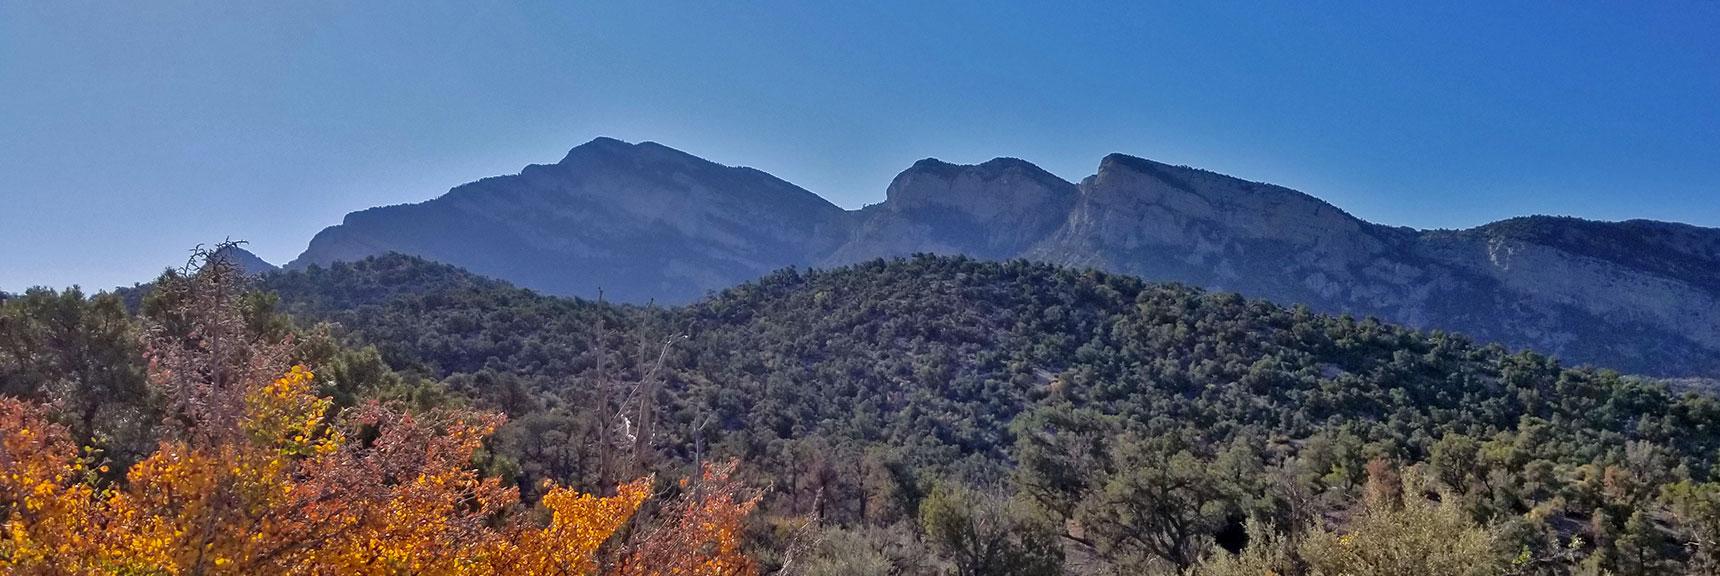 Potosi Mountain Summit Cliffs from Potosi Canyon Road   Potosi Mountain Northwestern Approach, Spring Mountains, Nevada